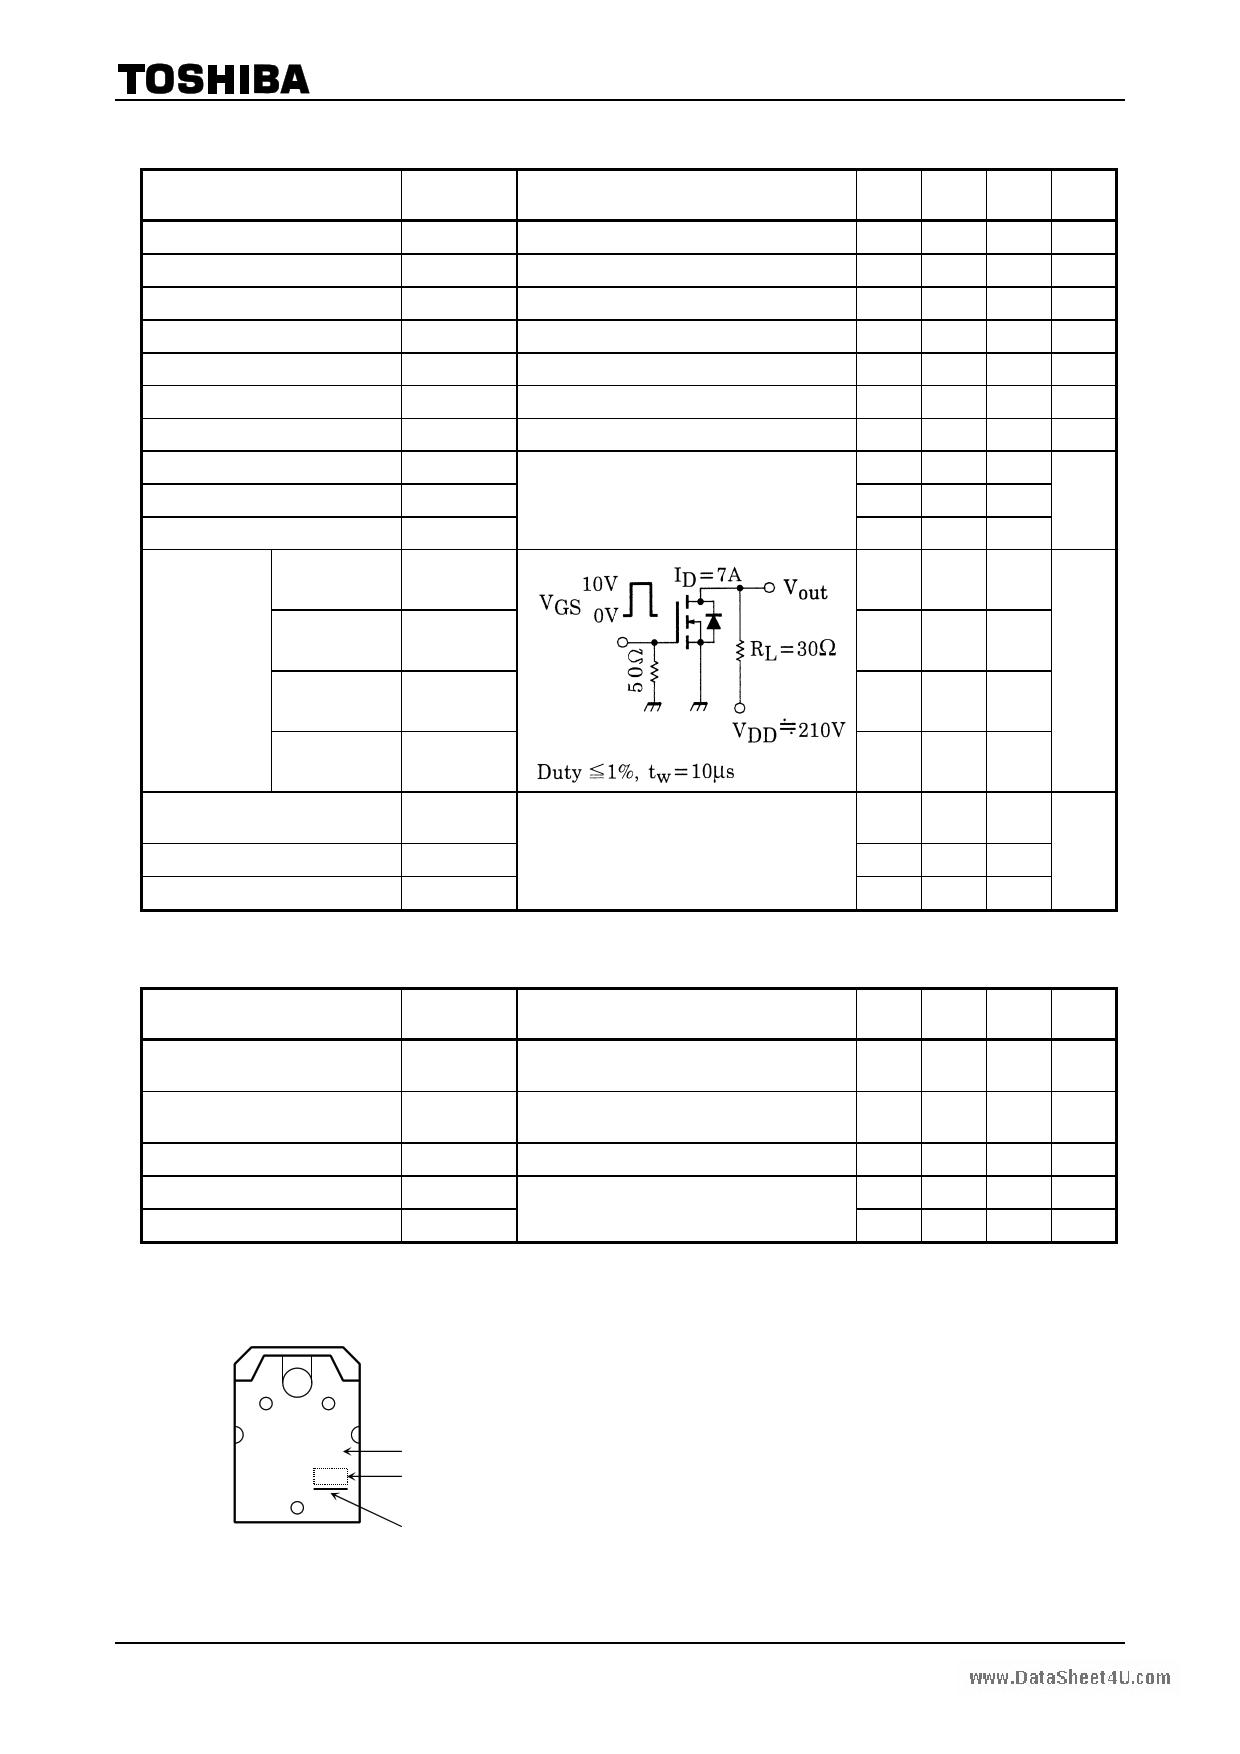 K2698 pdf pinout